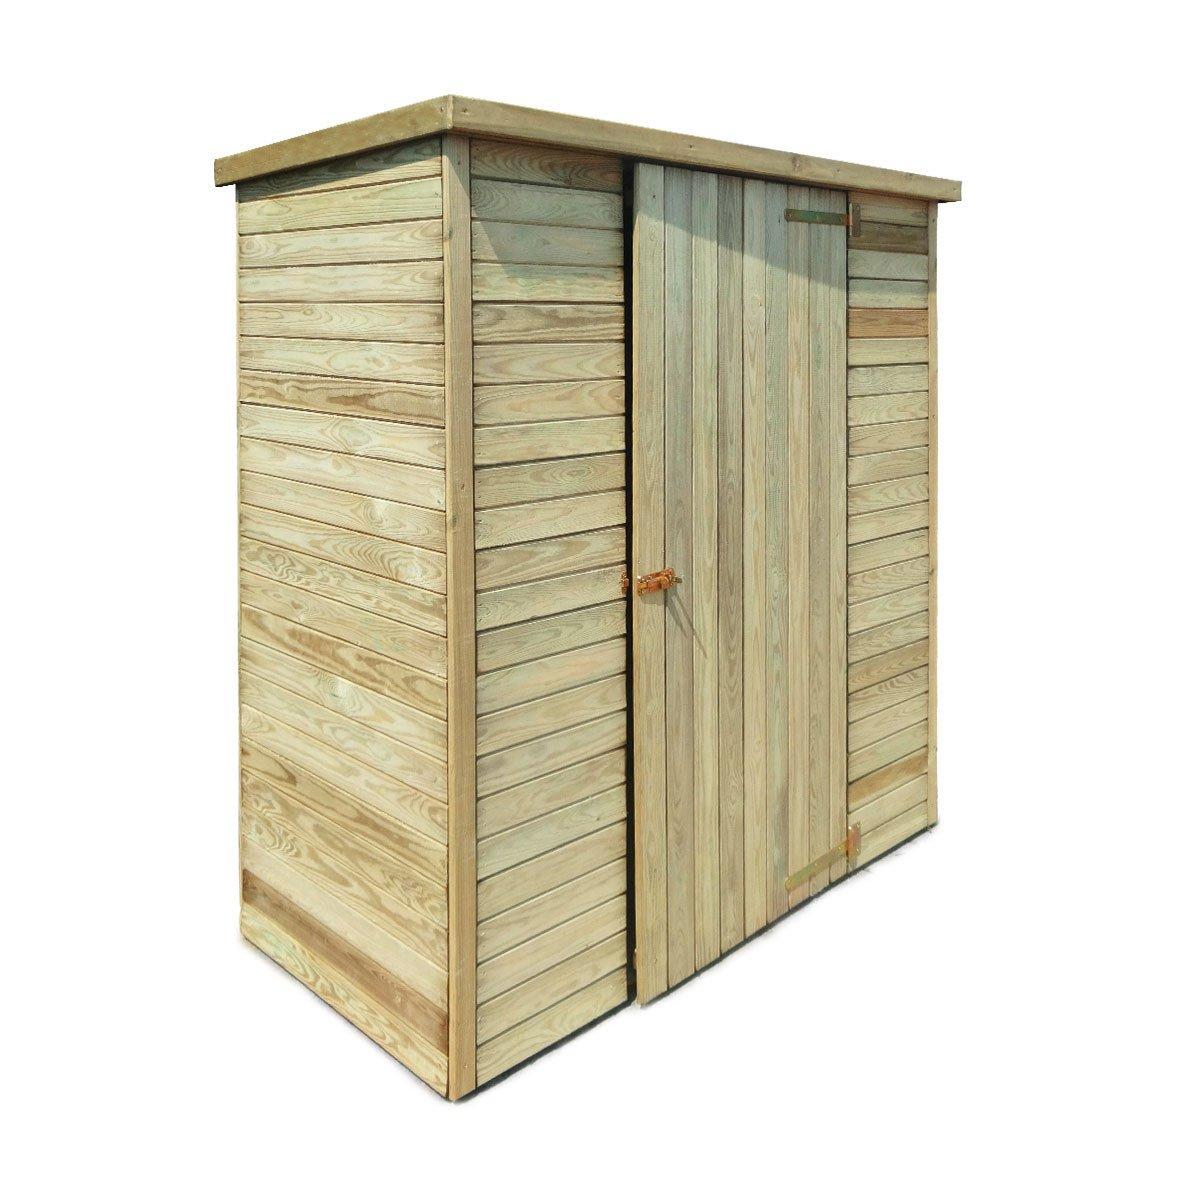 Abri De Jardin En Bois Marie 0.92 M² - Achat/vente D'abris ... à Abri De Jardin Metal Pas Cher